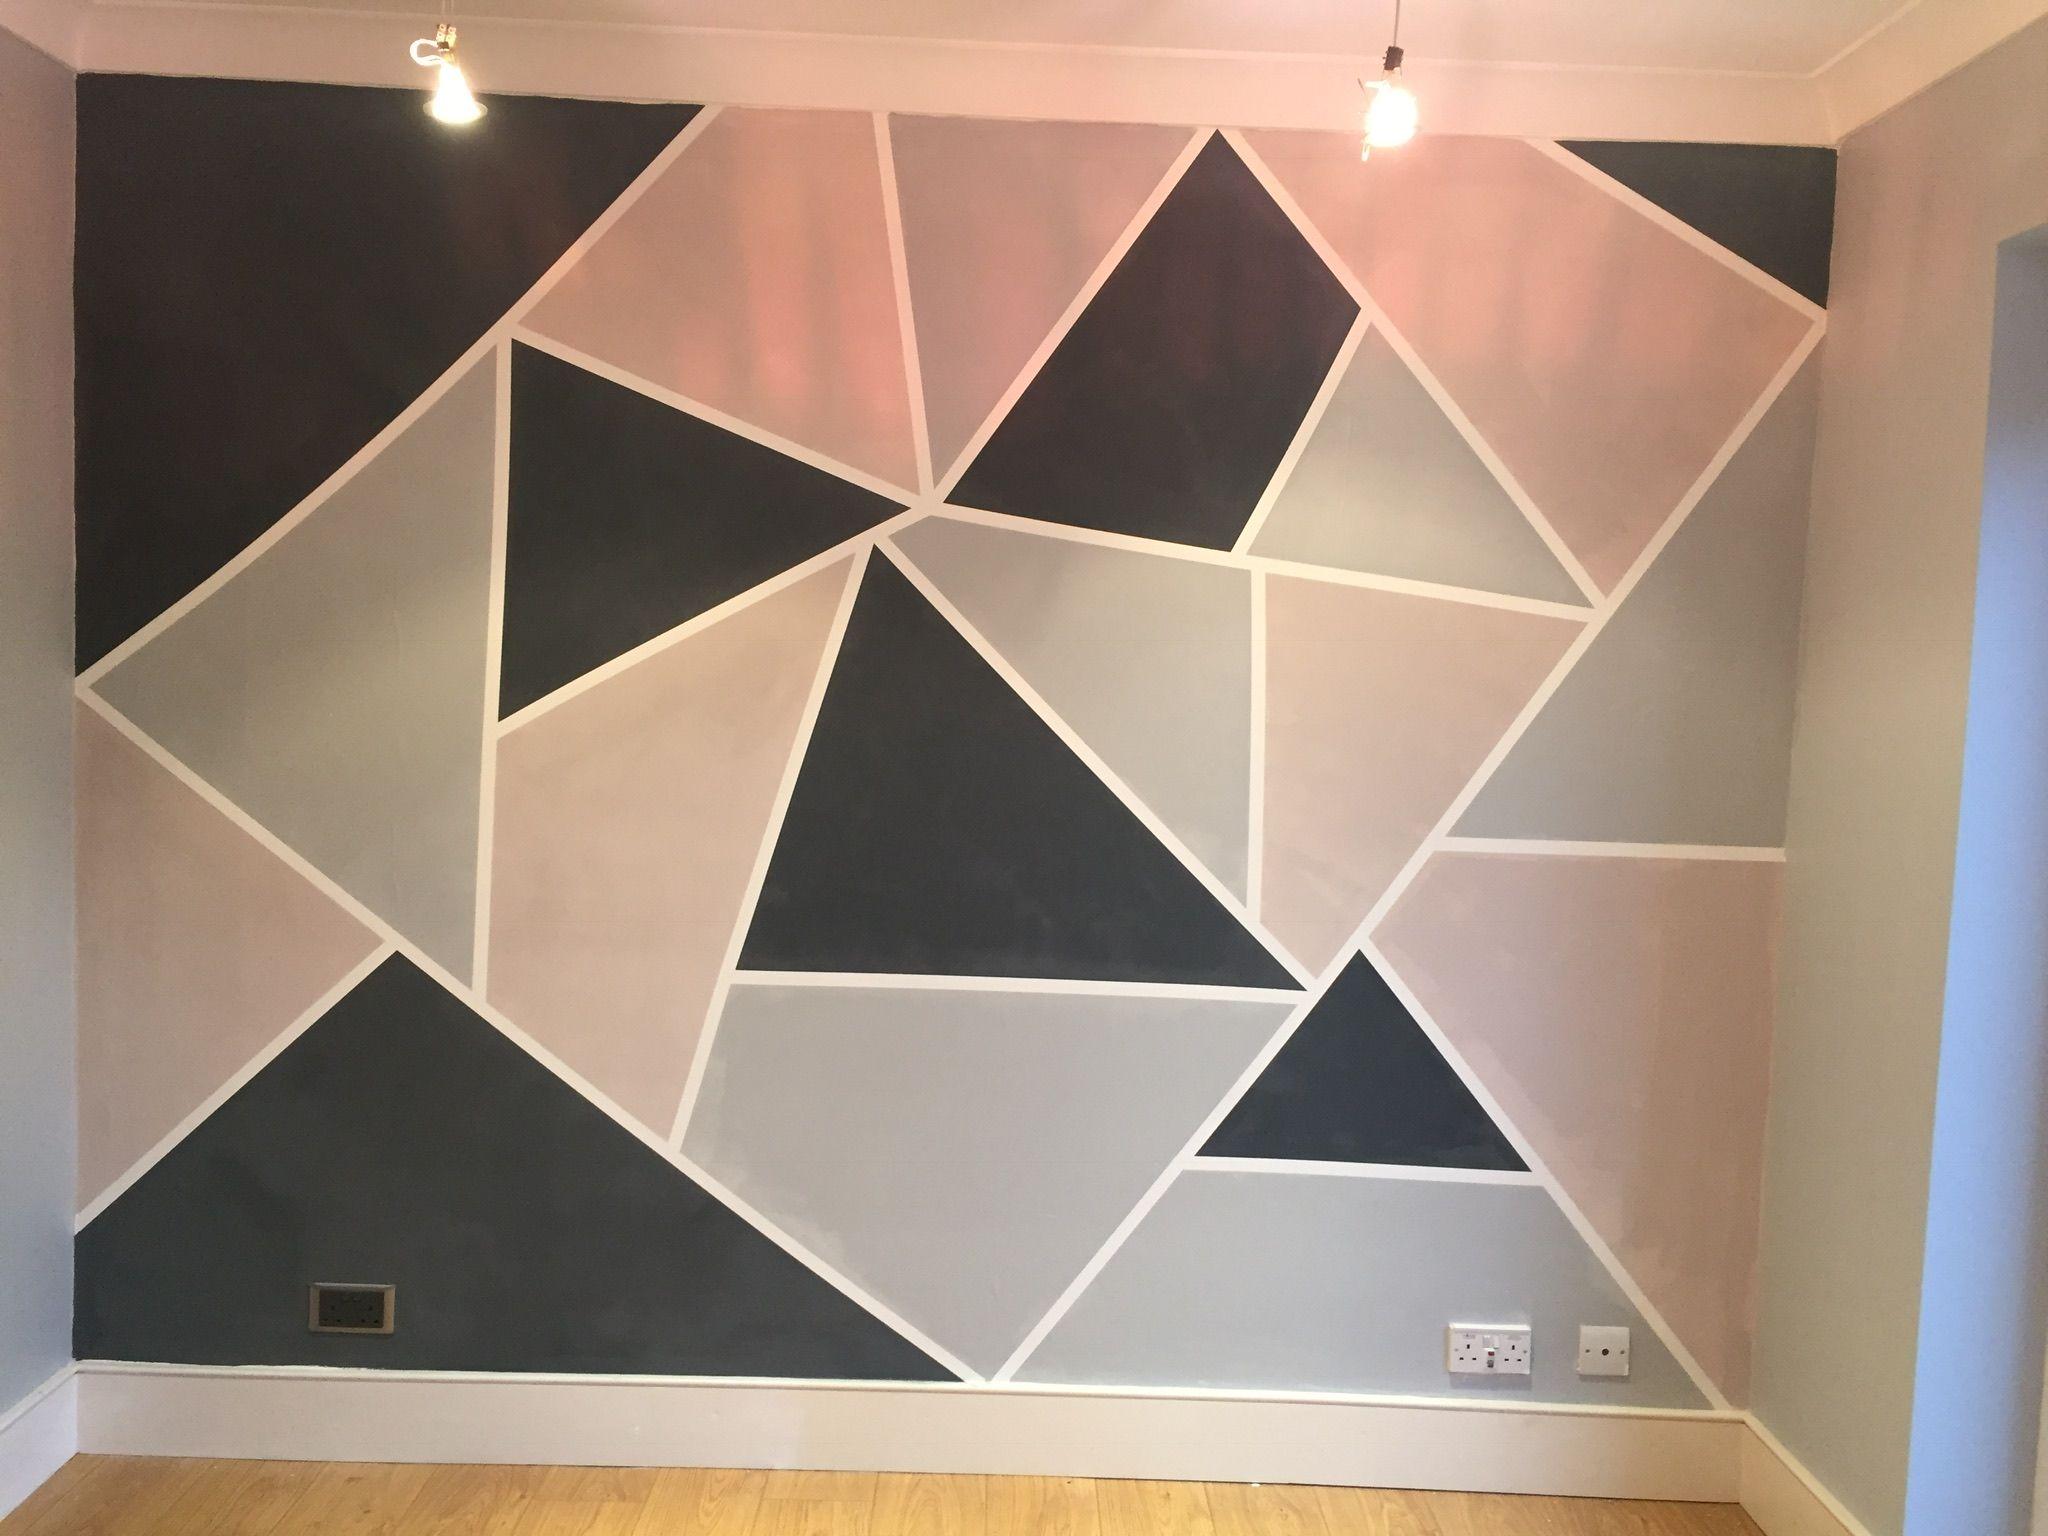 Kitchen Wall After Pintura De Parede Faca Voce Mesmo Decoracao Quarto E Sala Pintura Das Paredes Dos Quartos